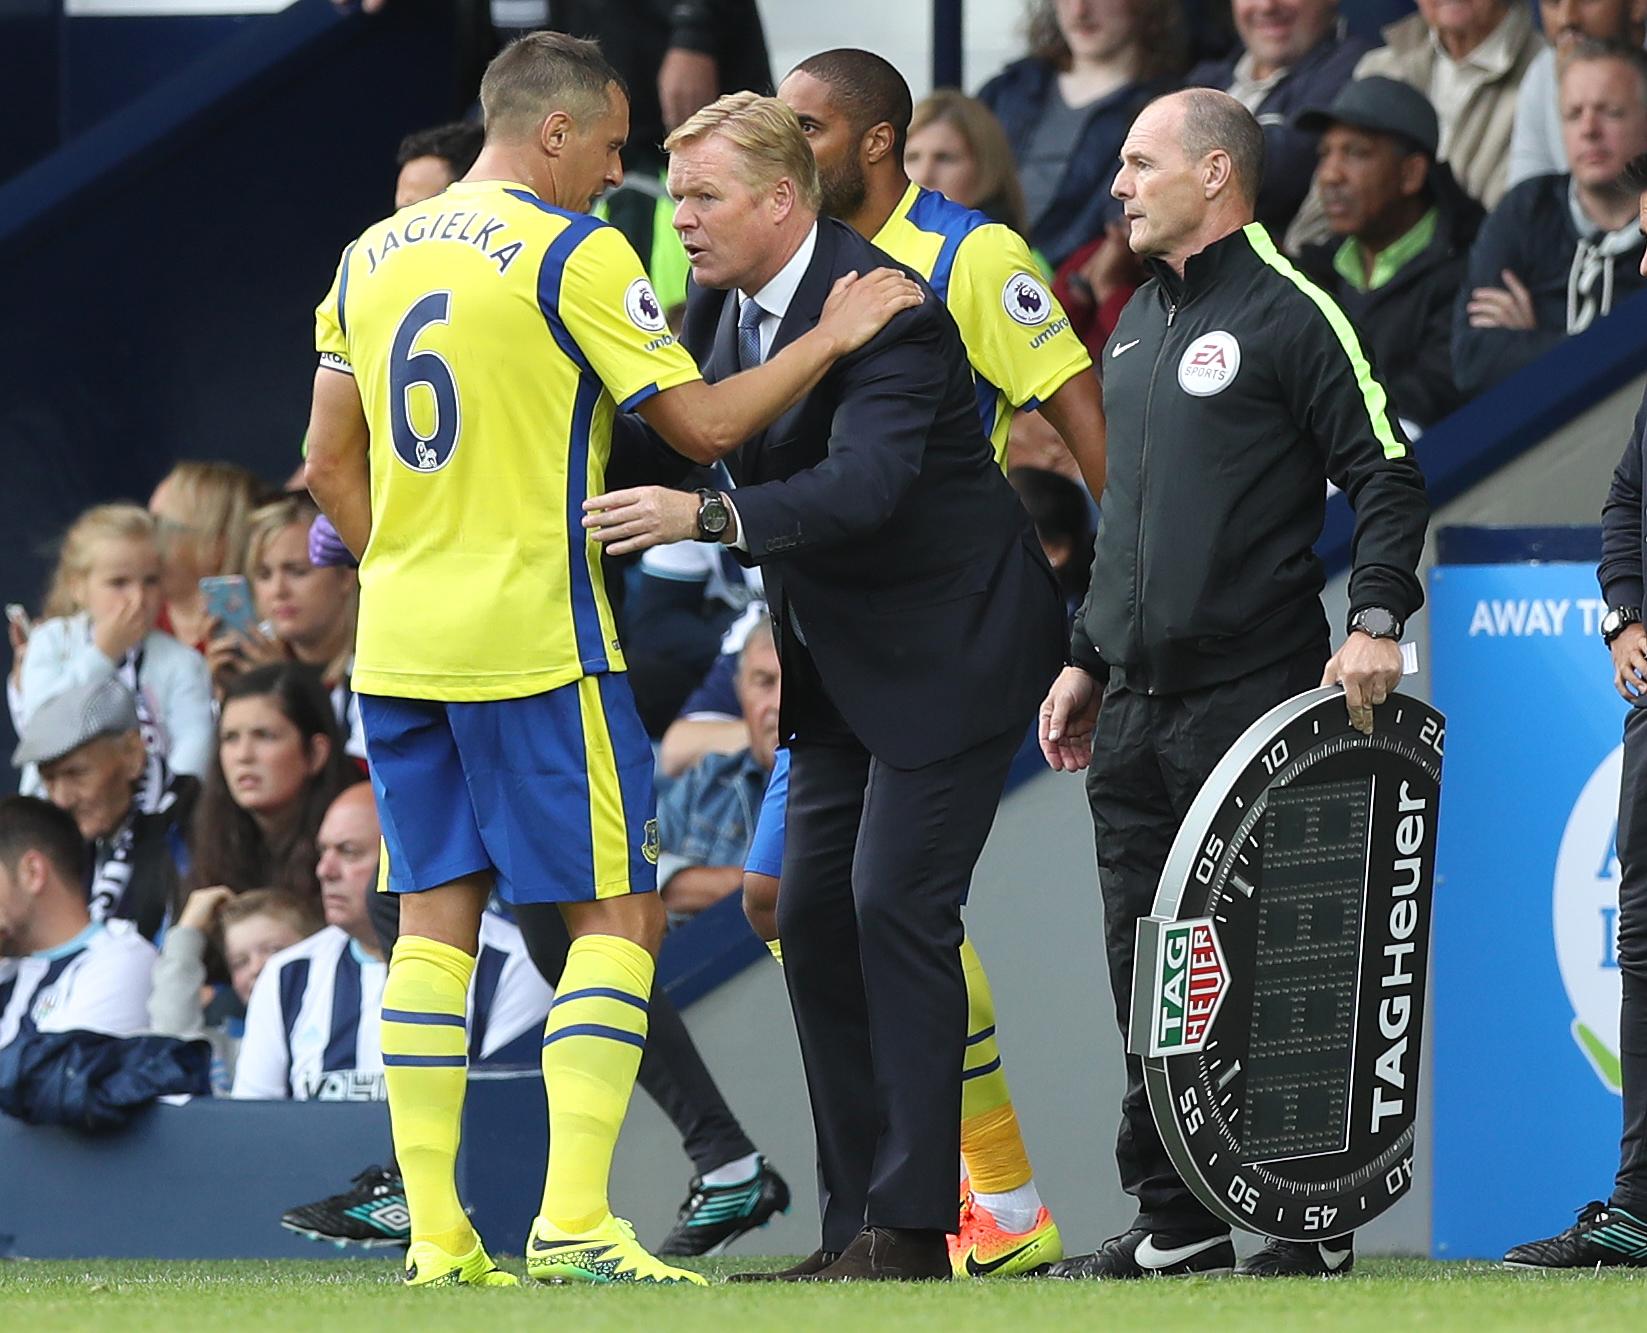 West Bromwich Albion v Everton - Premier League